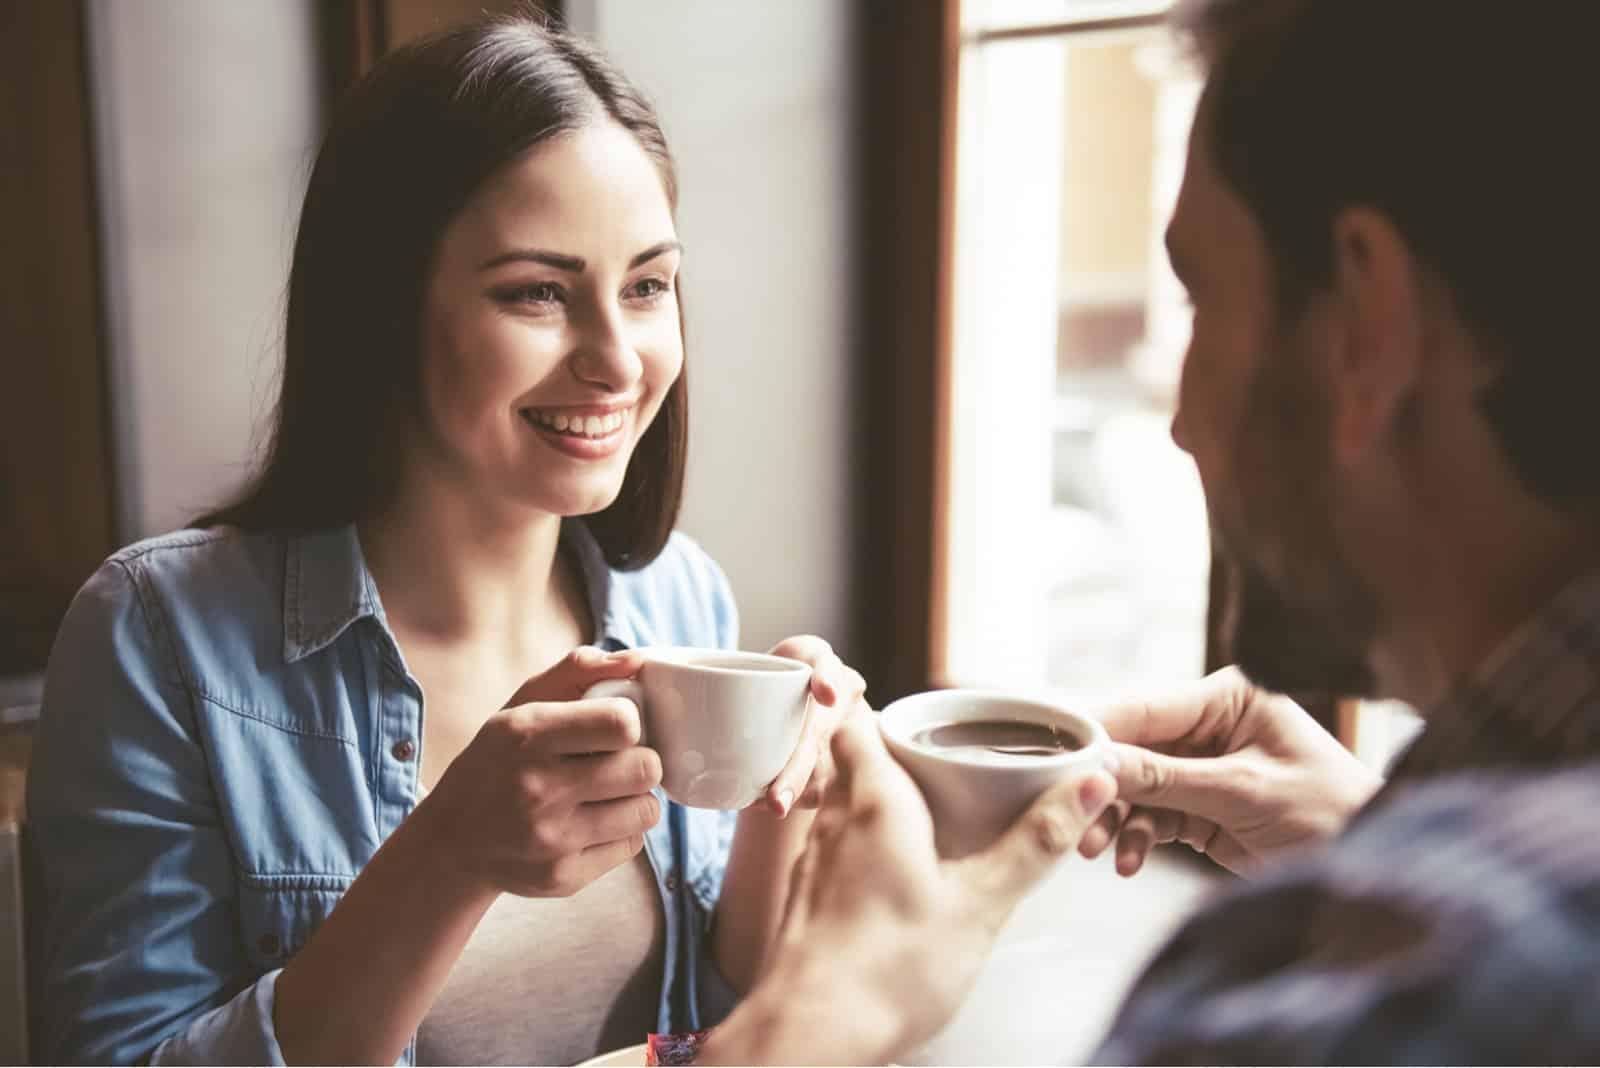 par sitter och dricker kaffe